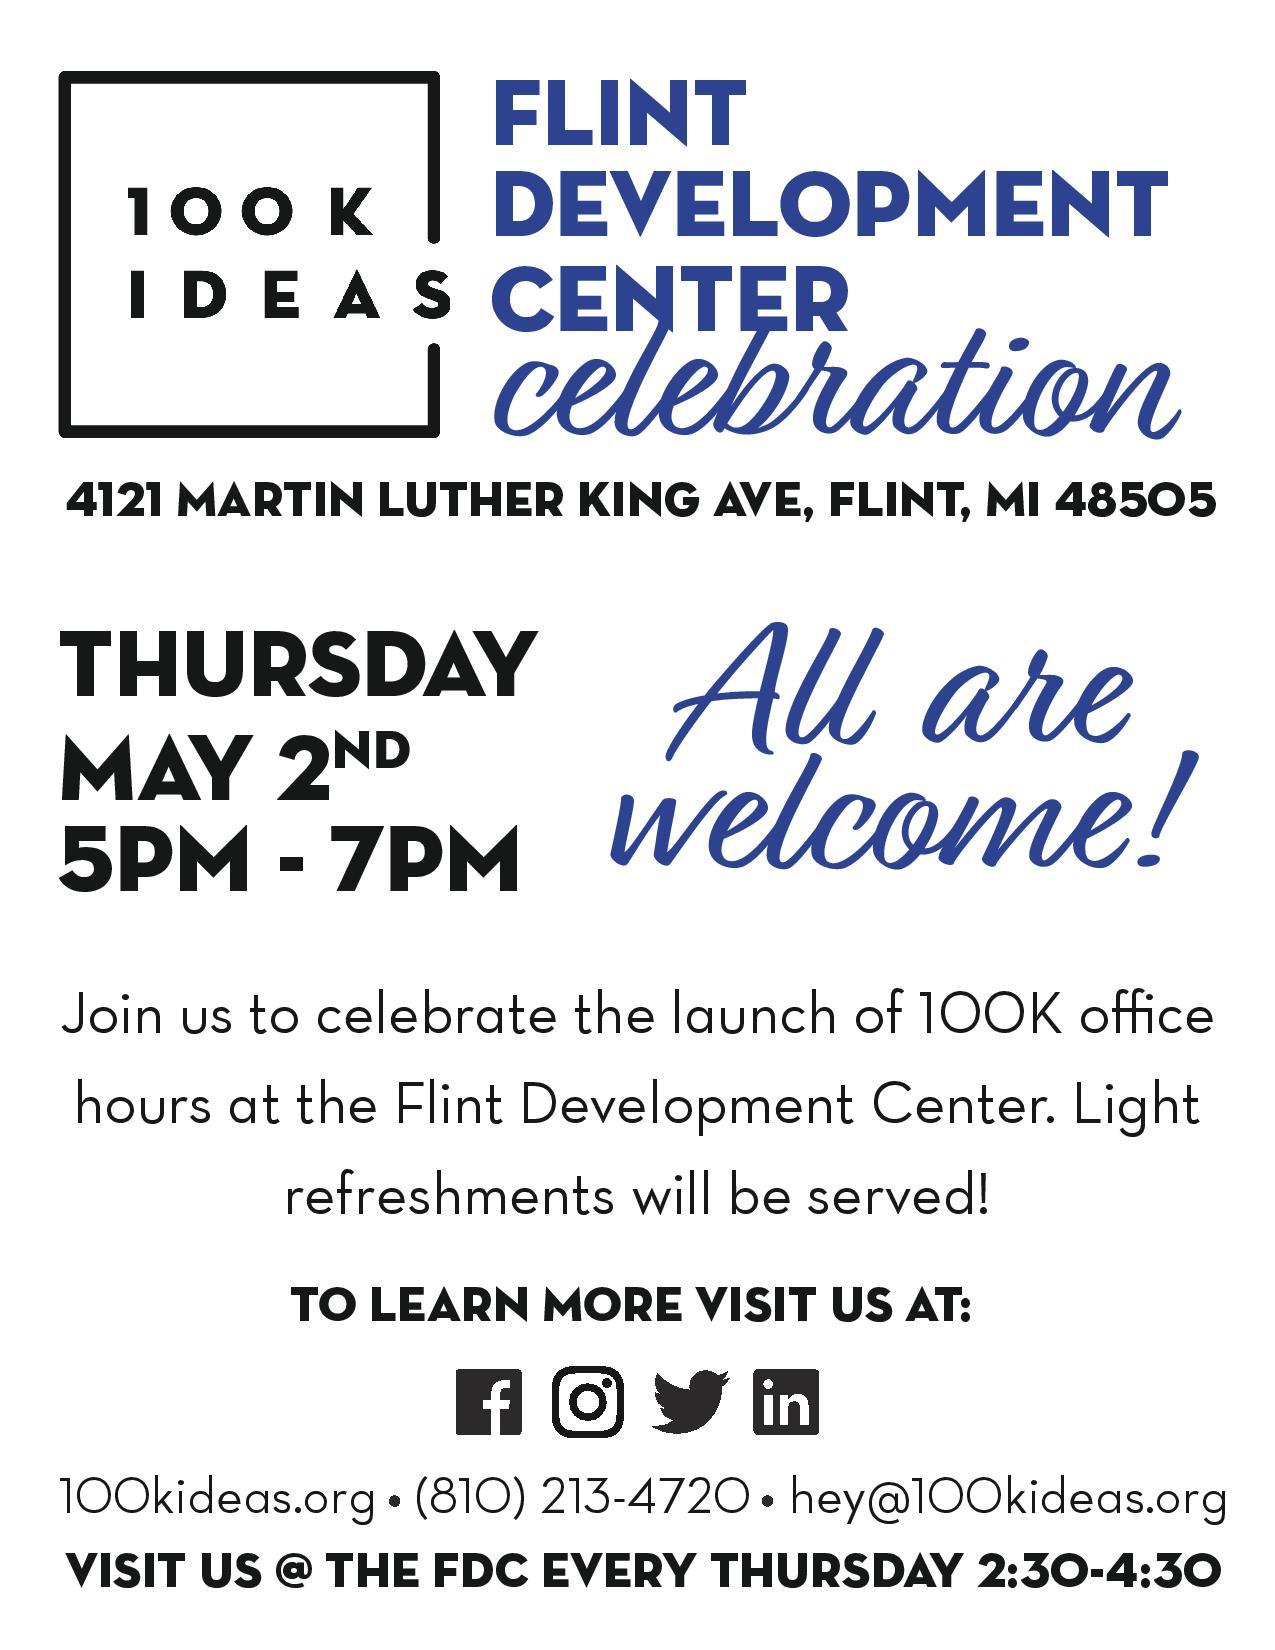 Flint Development Center Celebration @ Flint Development Center